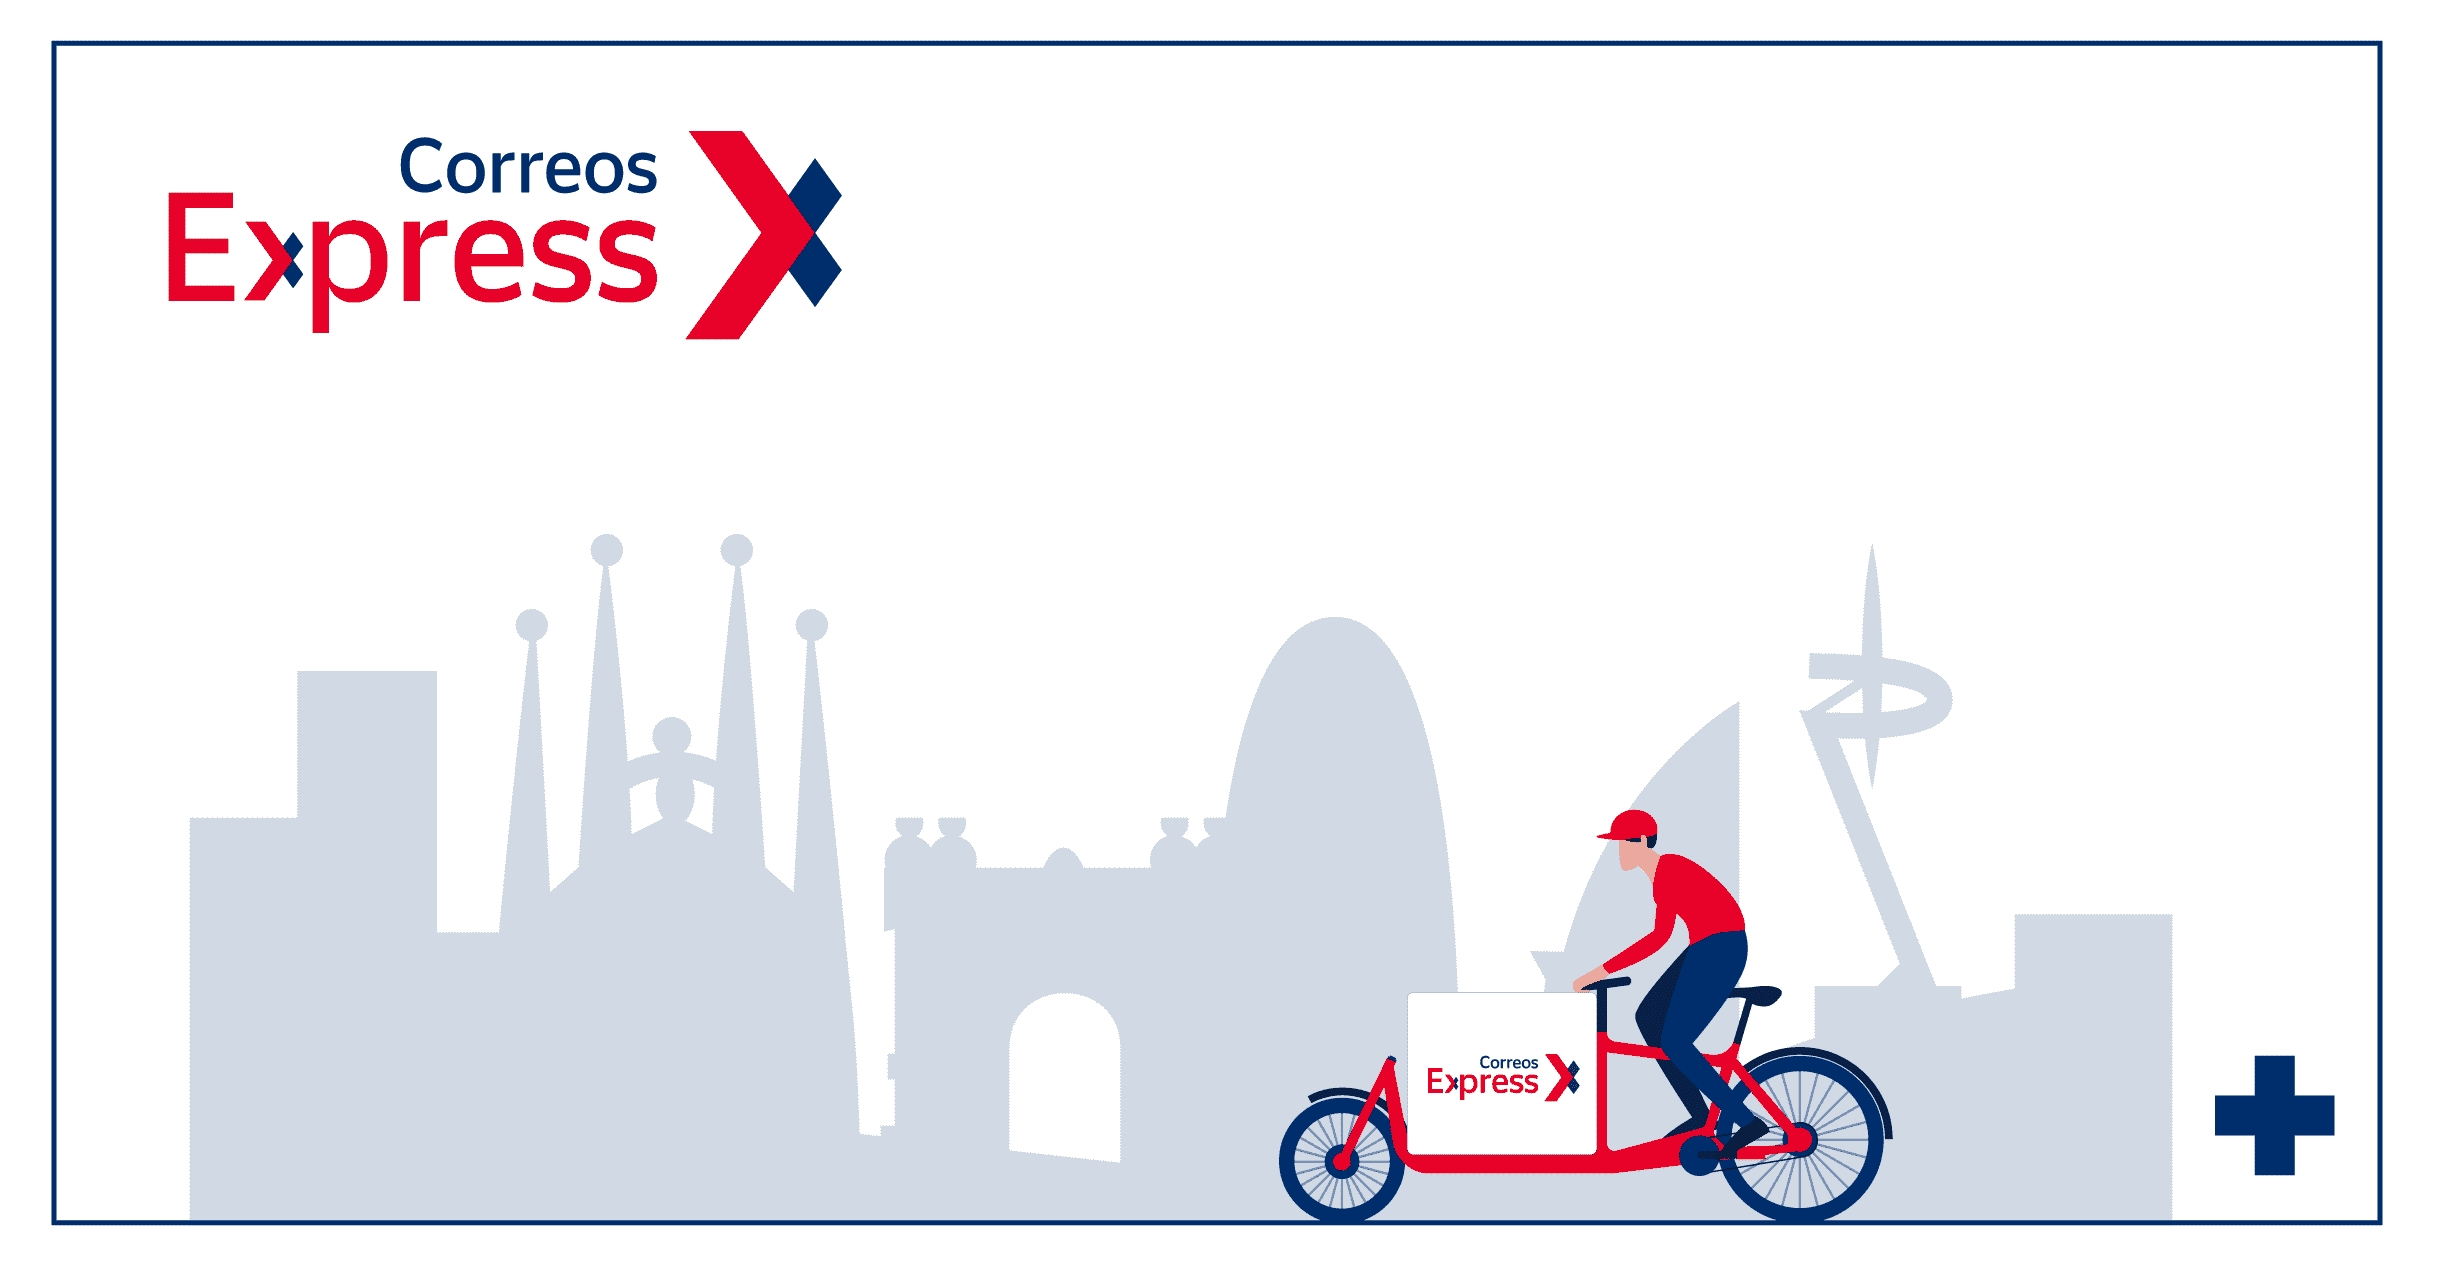 Correos Express, socio logístico y patrocinador principal de la 100ª Volta Ciclista a Catalunya